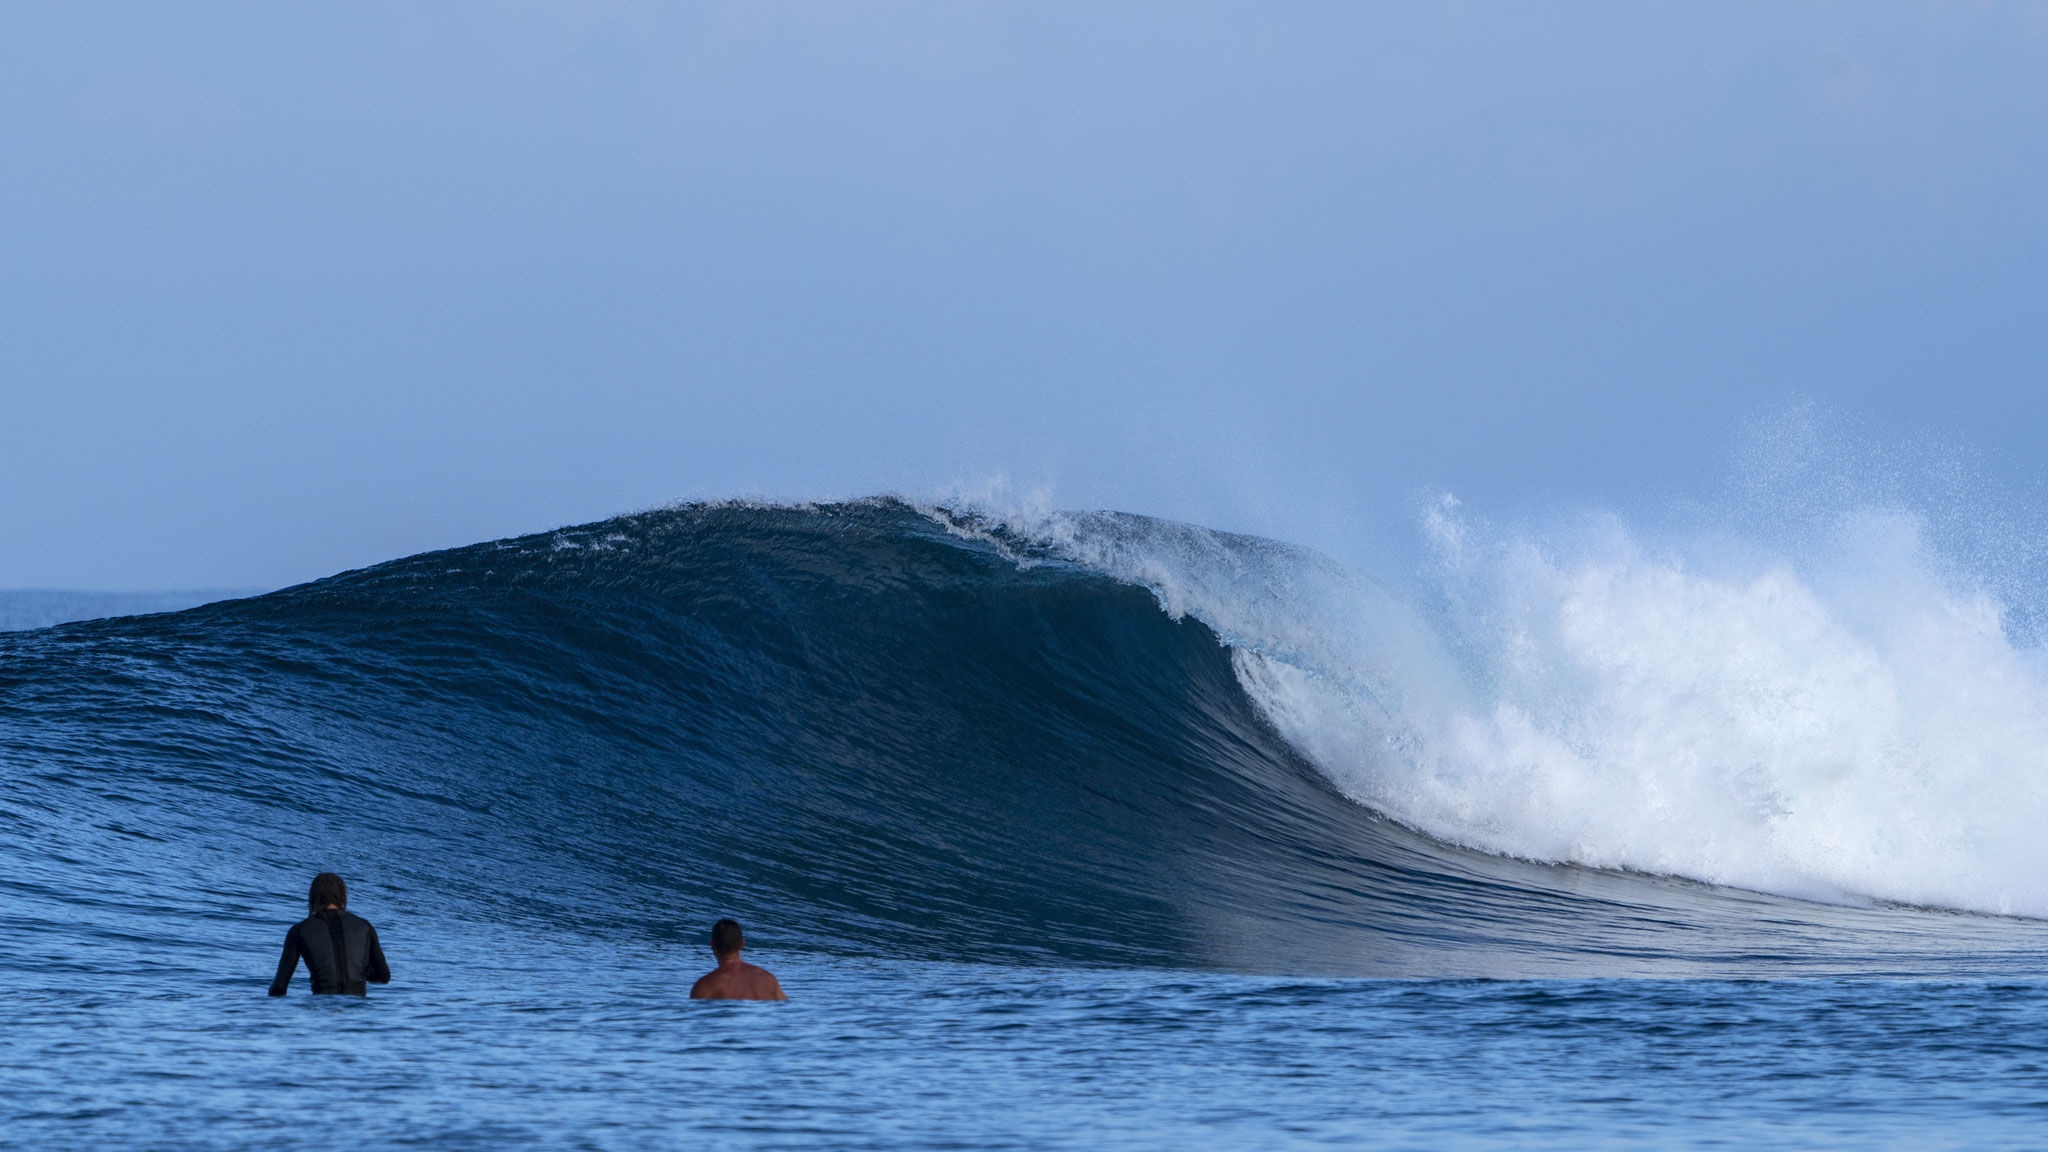 Madagascar credit: Roger Sharp, Carve Surfing Magazine